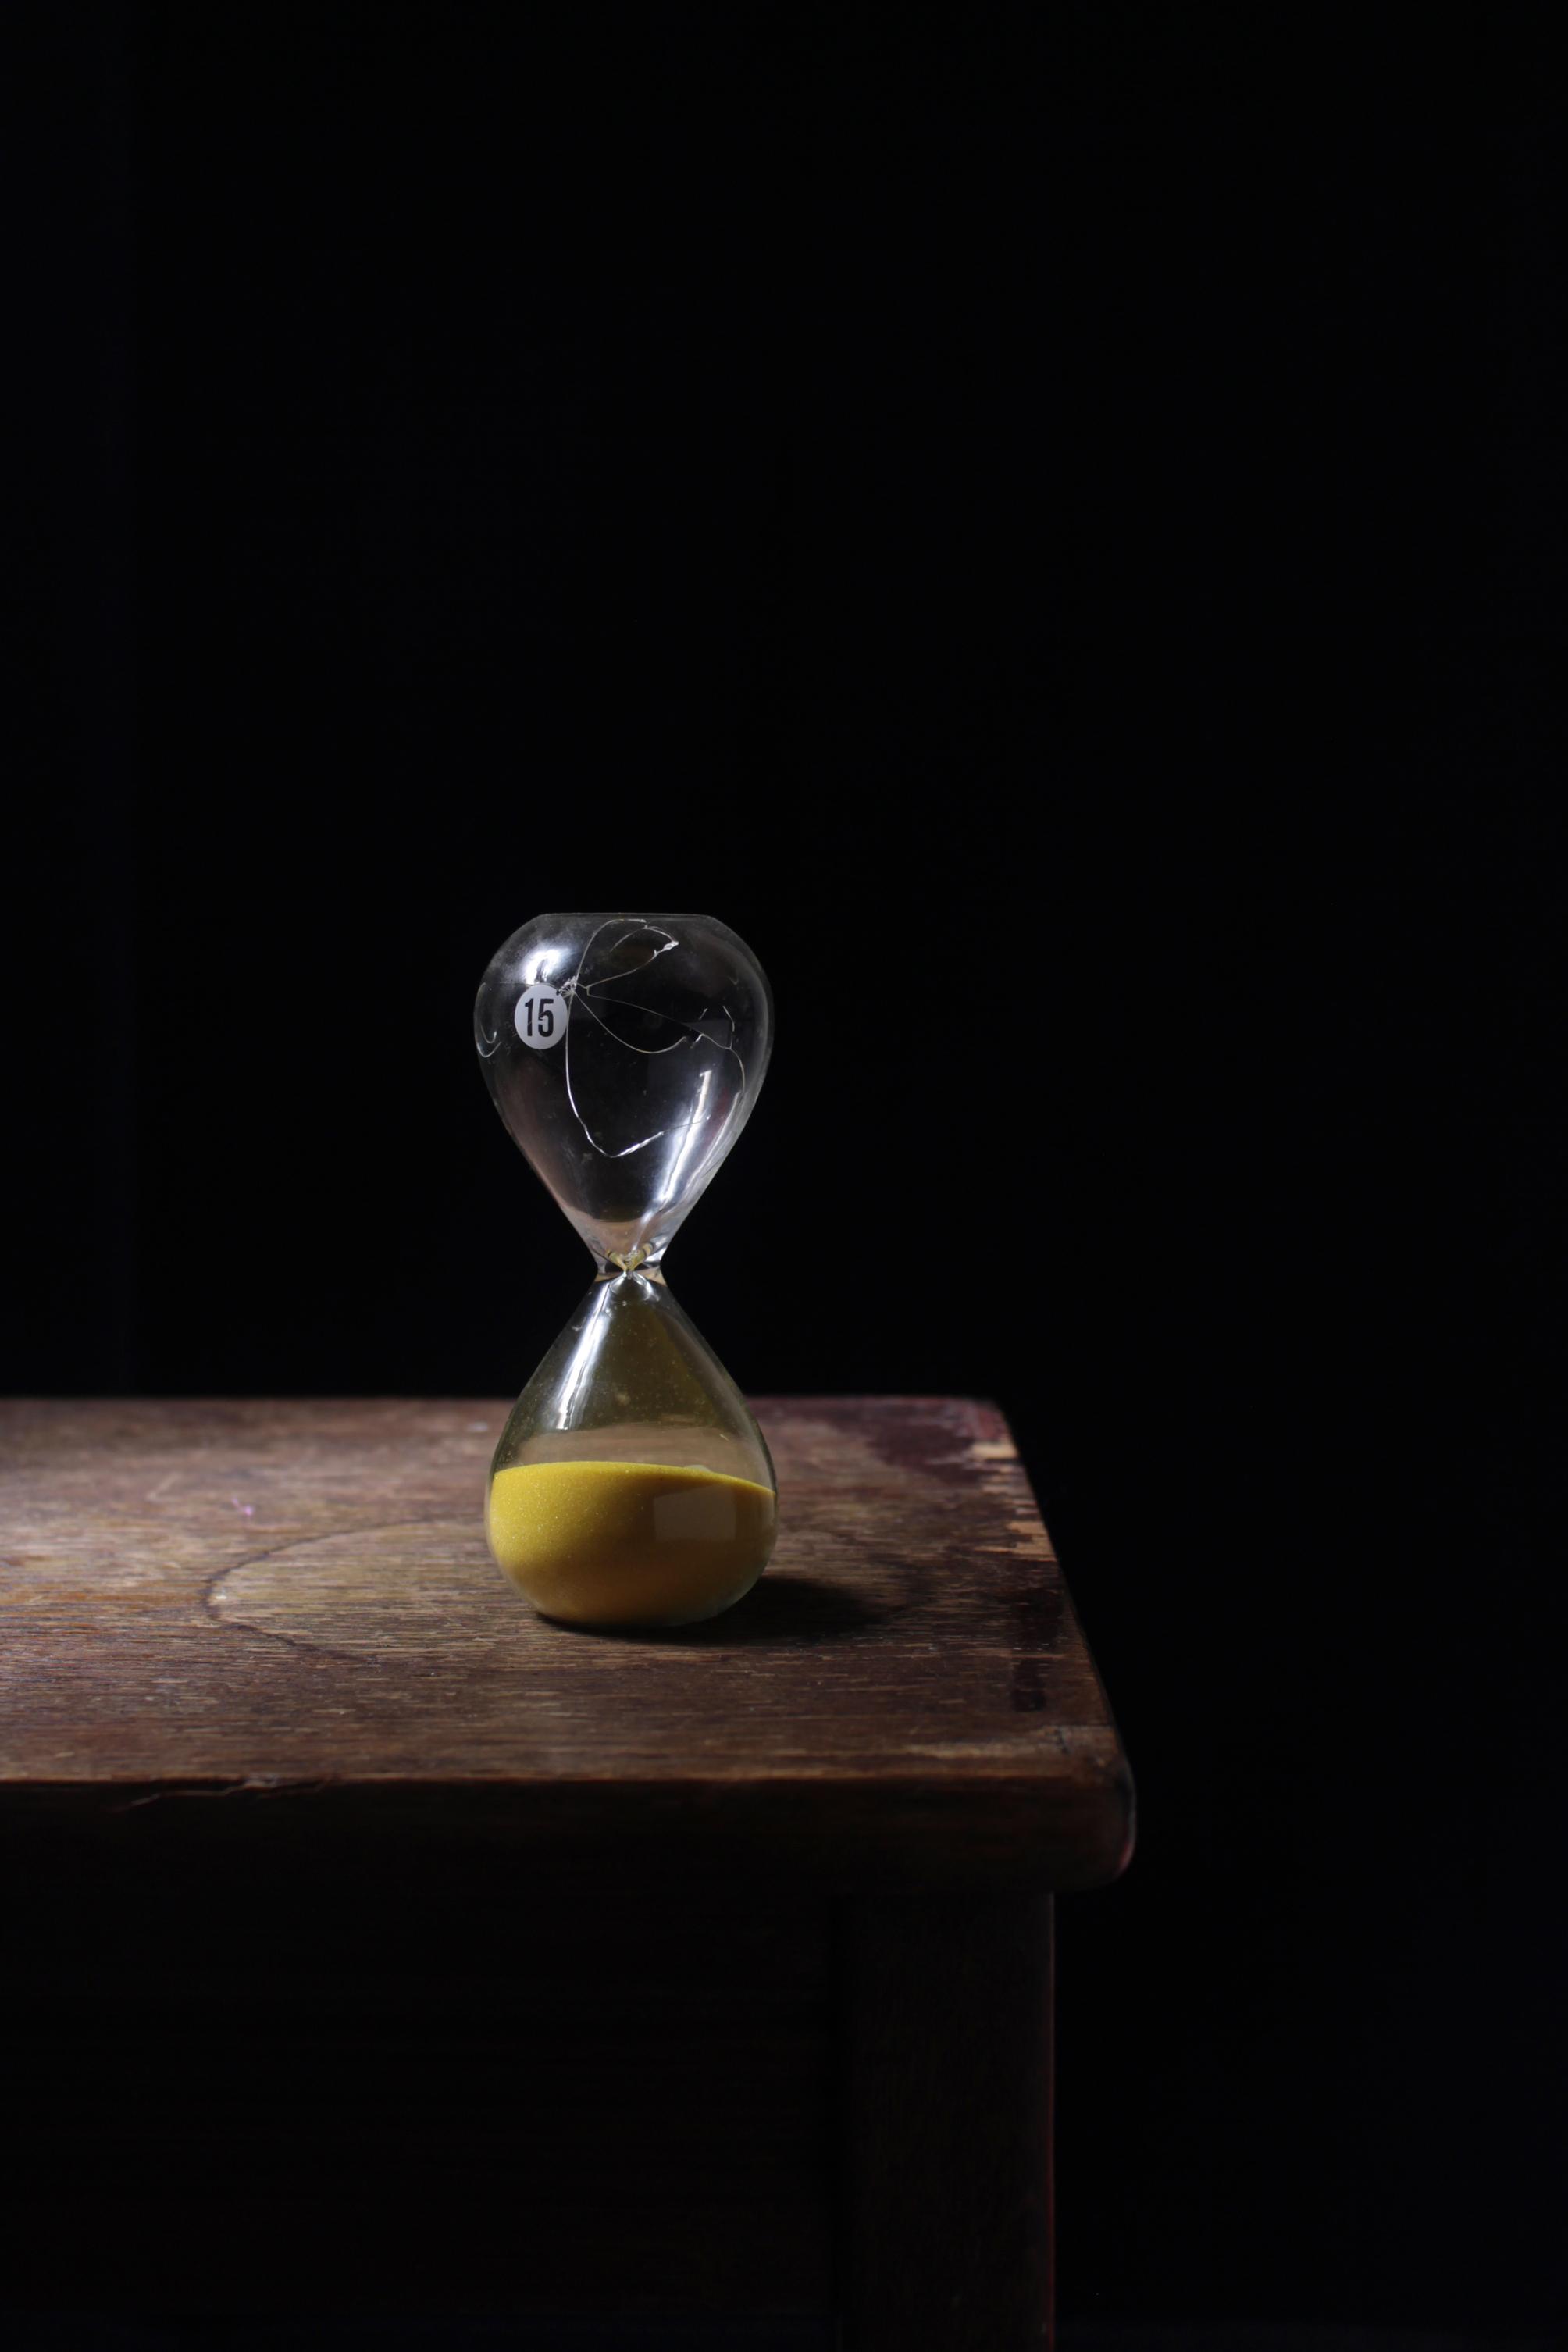 timer_new.jpg